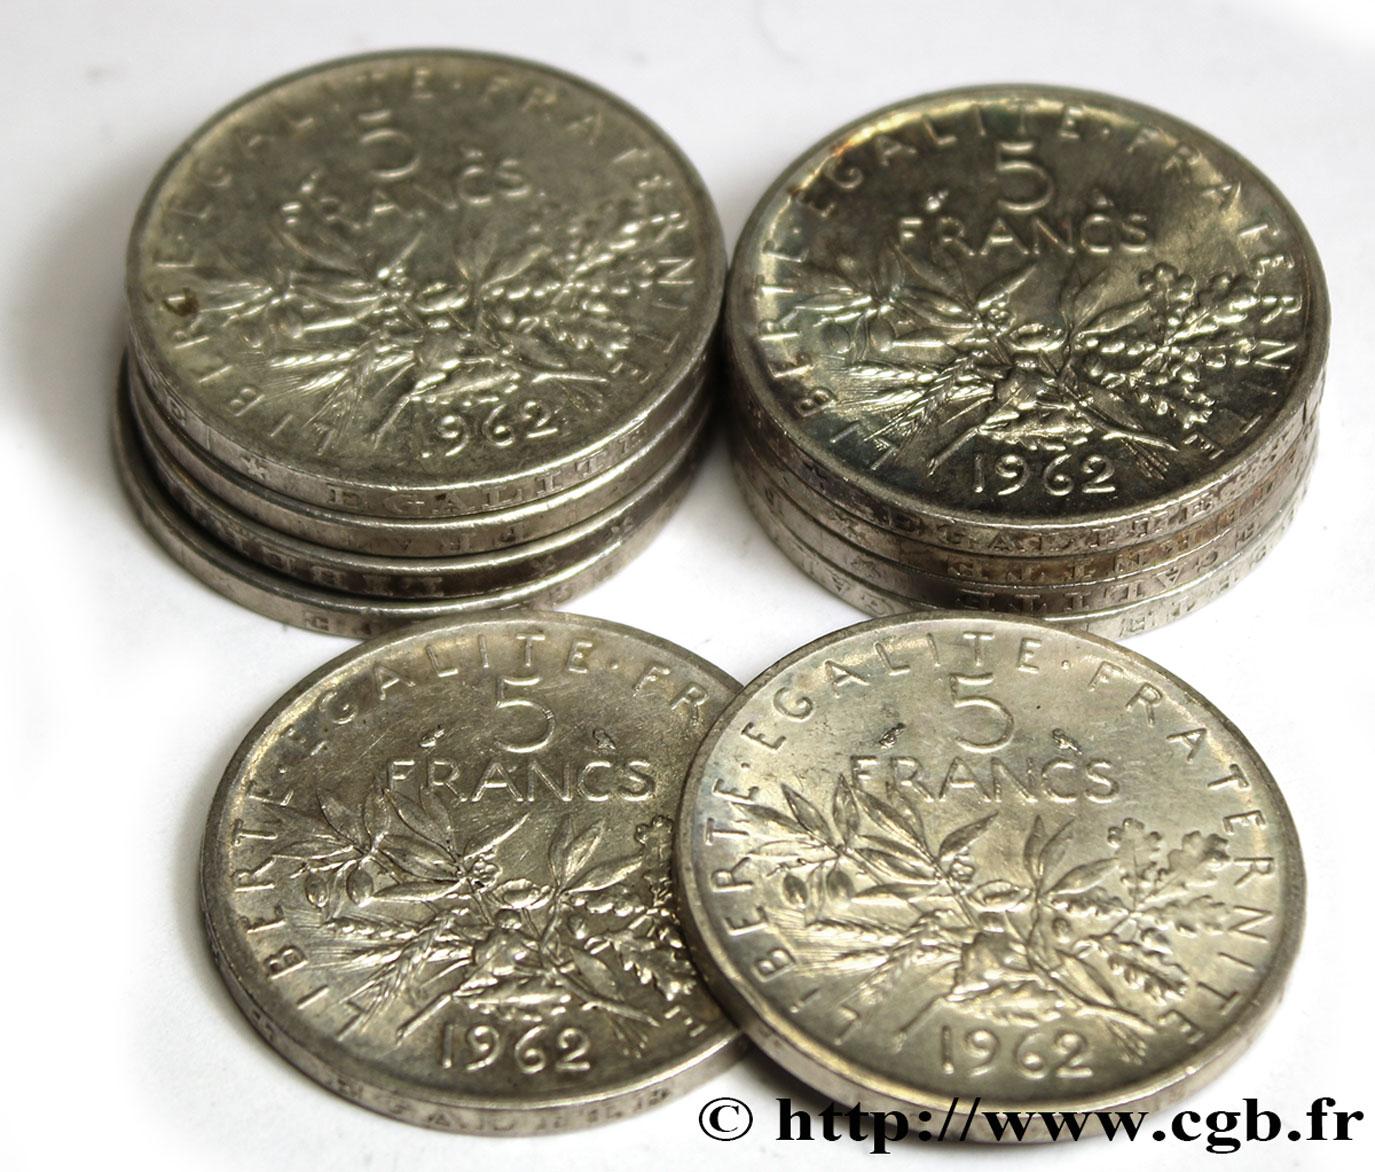 Lot De 10 Pieces De 5 Francs Semeuse Argent 1962 Paris F 340 6